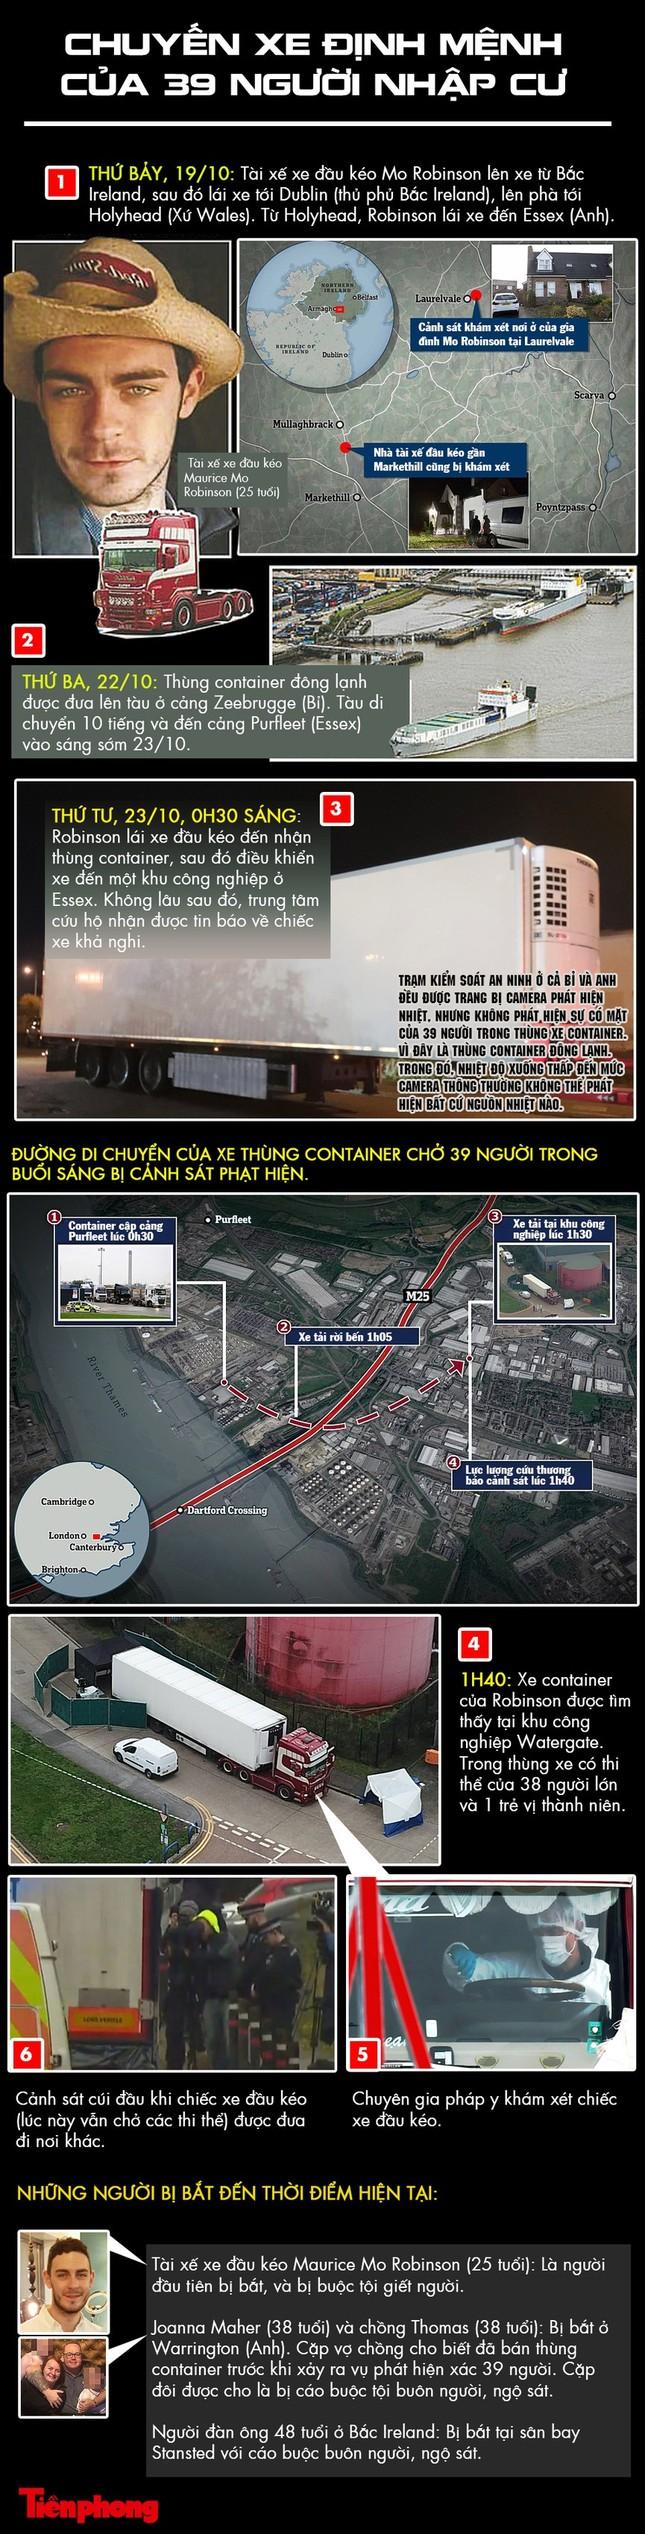 Vụ 39 người chết trong container ở Anh: Ám ảnh hành trình cược mạng đến trời Âu ảnh 8